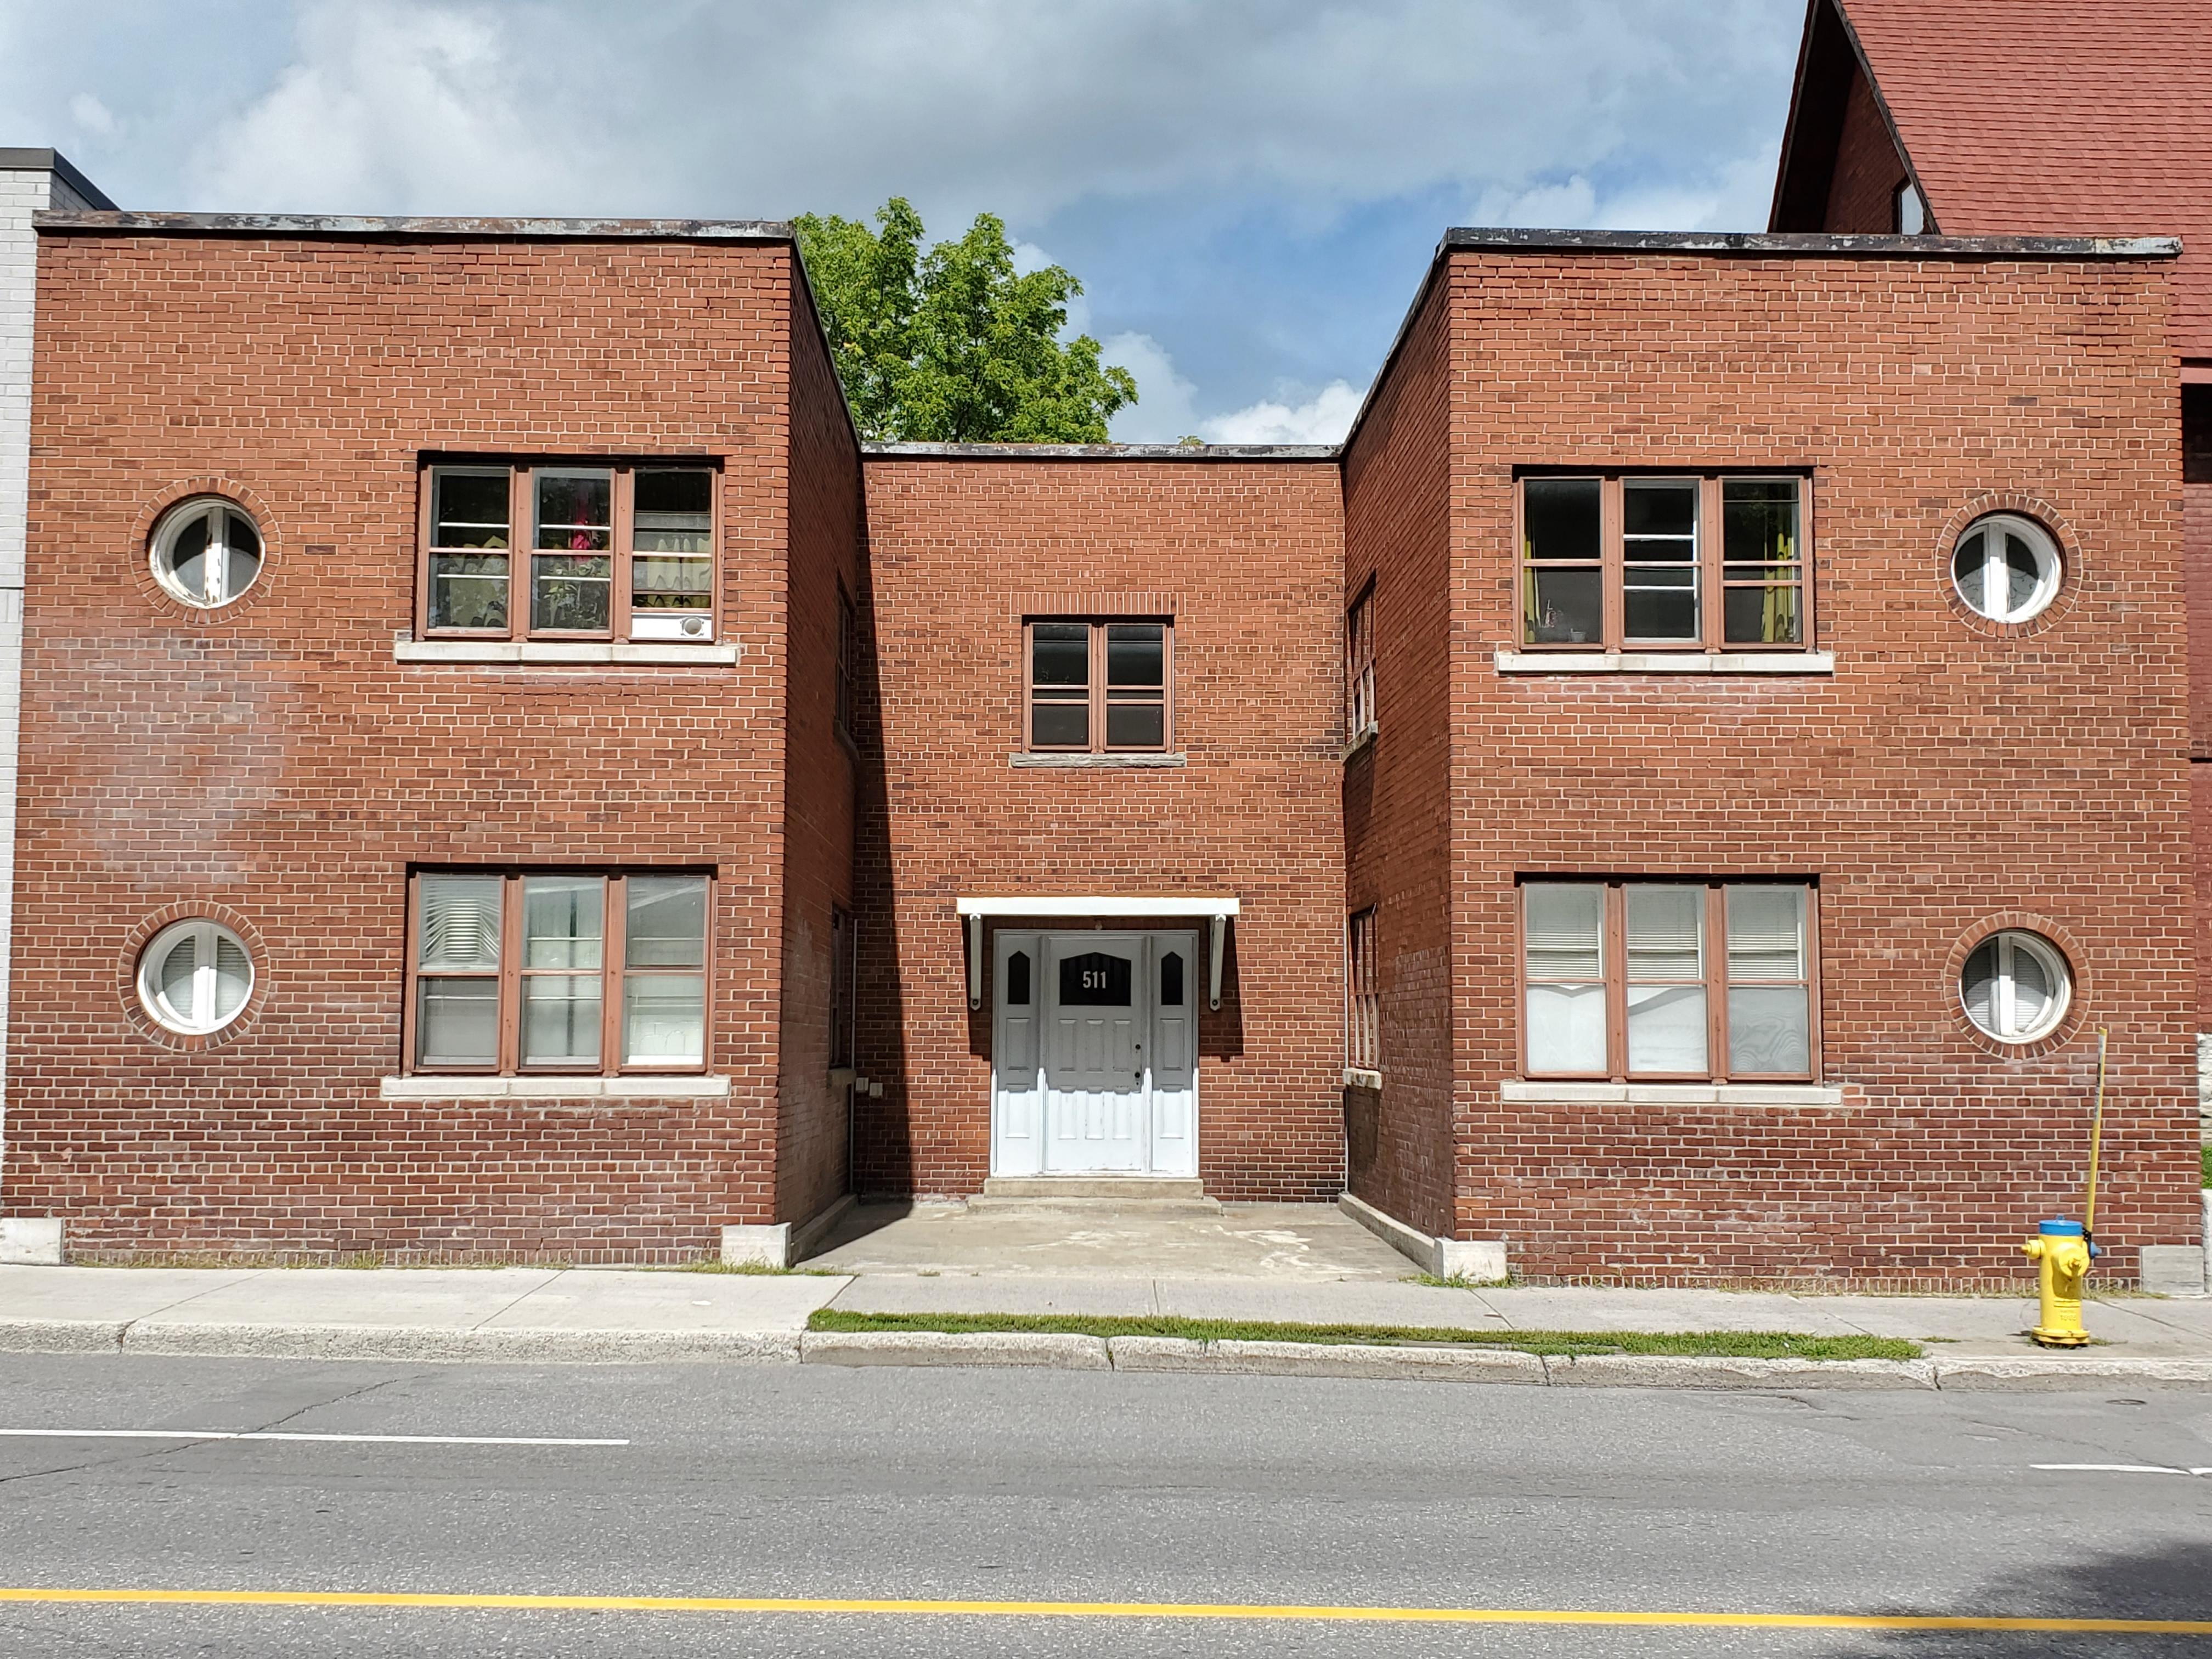 Une photo couleur d'un immeuble résidentiel en briques brunes avec une porte blanche.